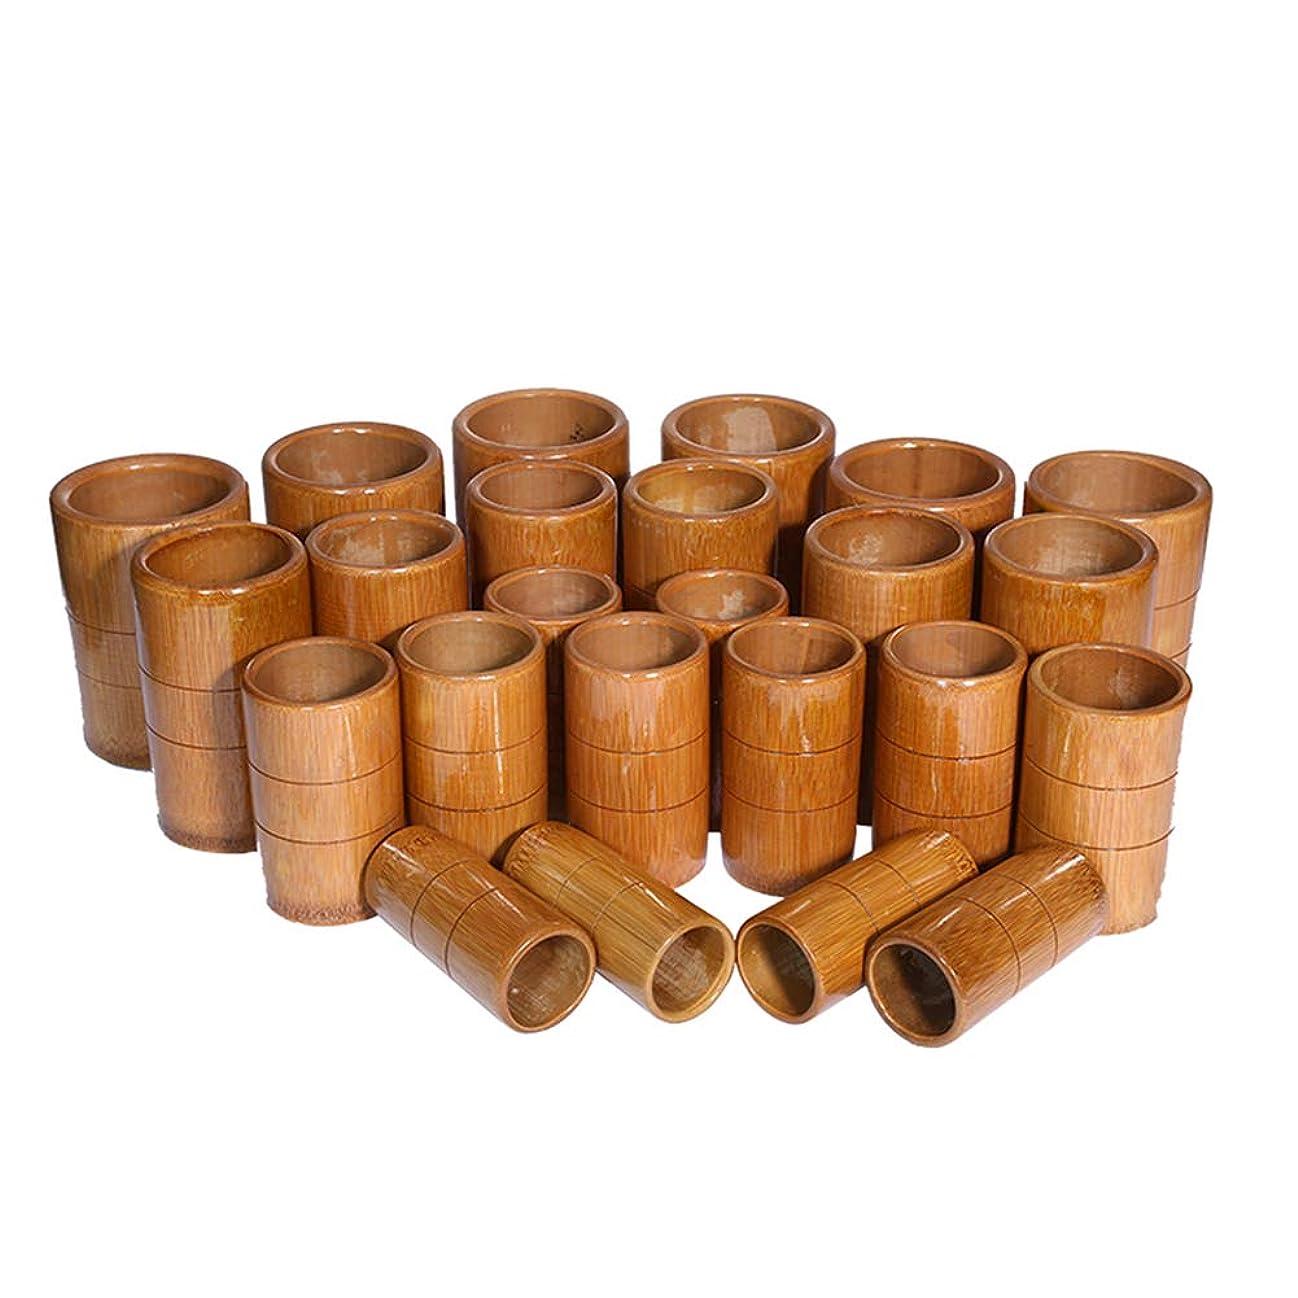 クレデンシャル大きなスケールで見ると慢性的マッサージバキュームカップキット - カッピング竹療法セット - 炭缶鍼治療ボディ医療吸引セット,A10pcs